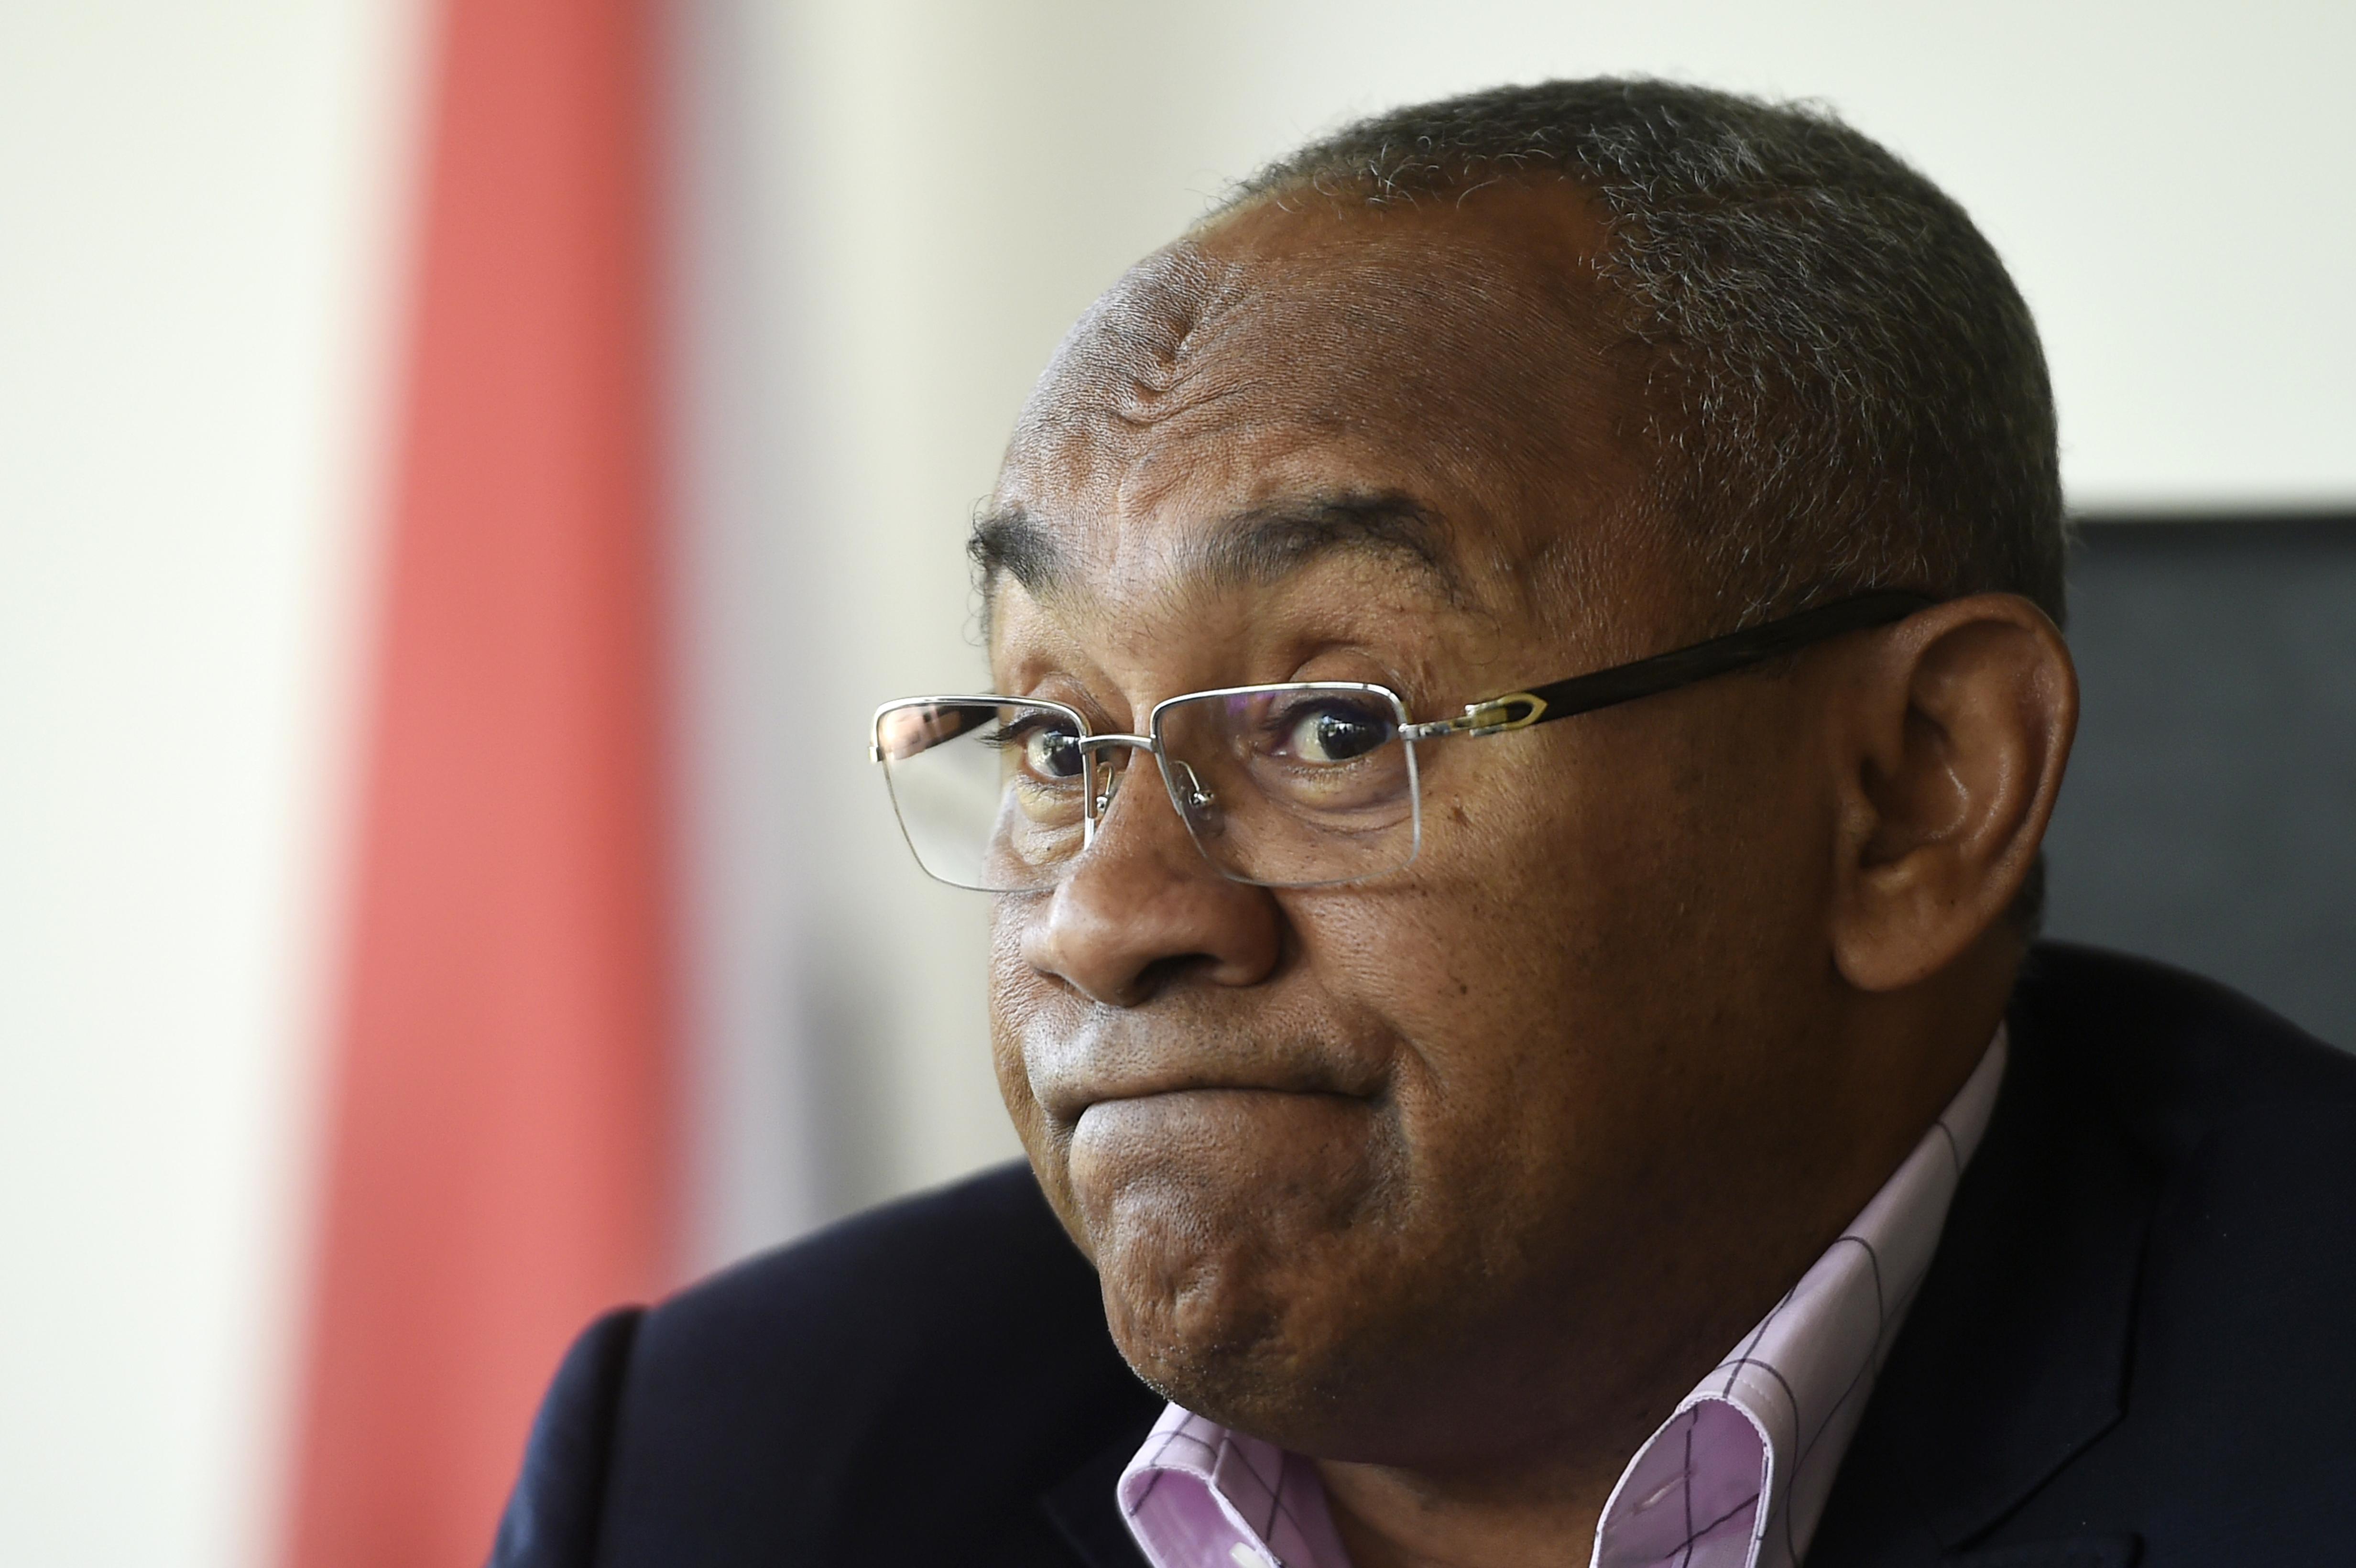 Újraválasztották a FIFA elnökét, másnap korrupció miatt őrizetbe vették az alelnökét